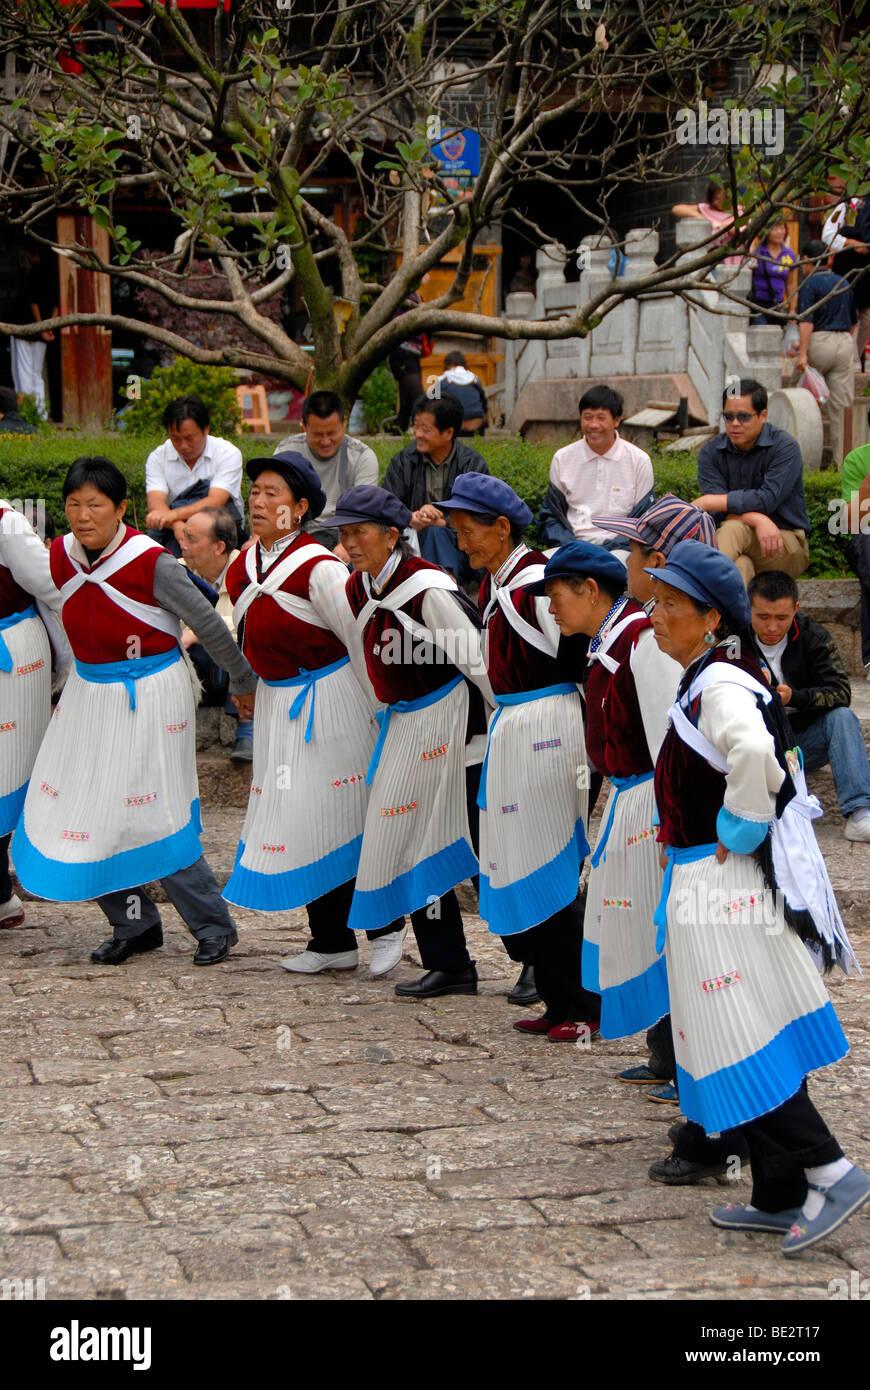 Tanz der Marktfrauen, Ethologie, Frauen von der ethnischen Gruppe der Naxi Tanz in traditionellen Kostümen Stockbild